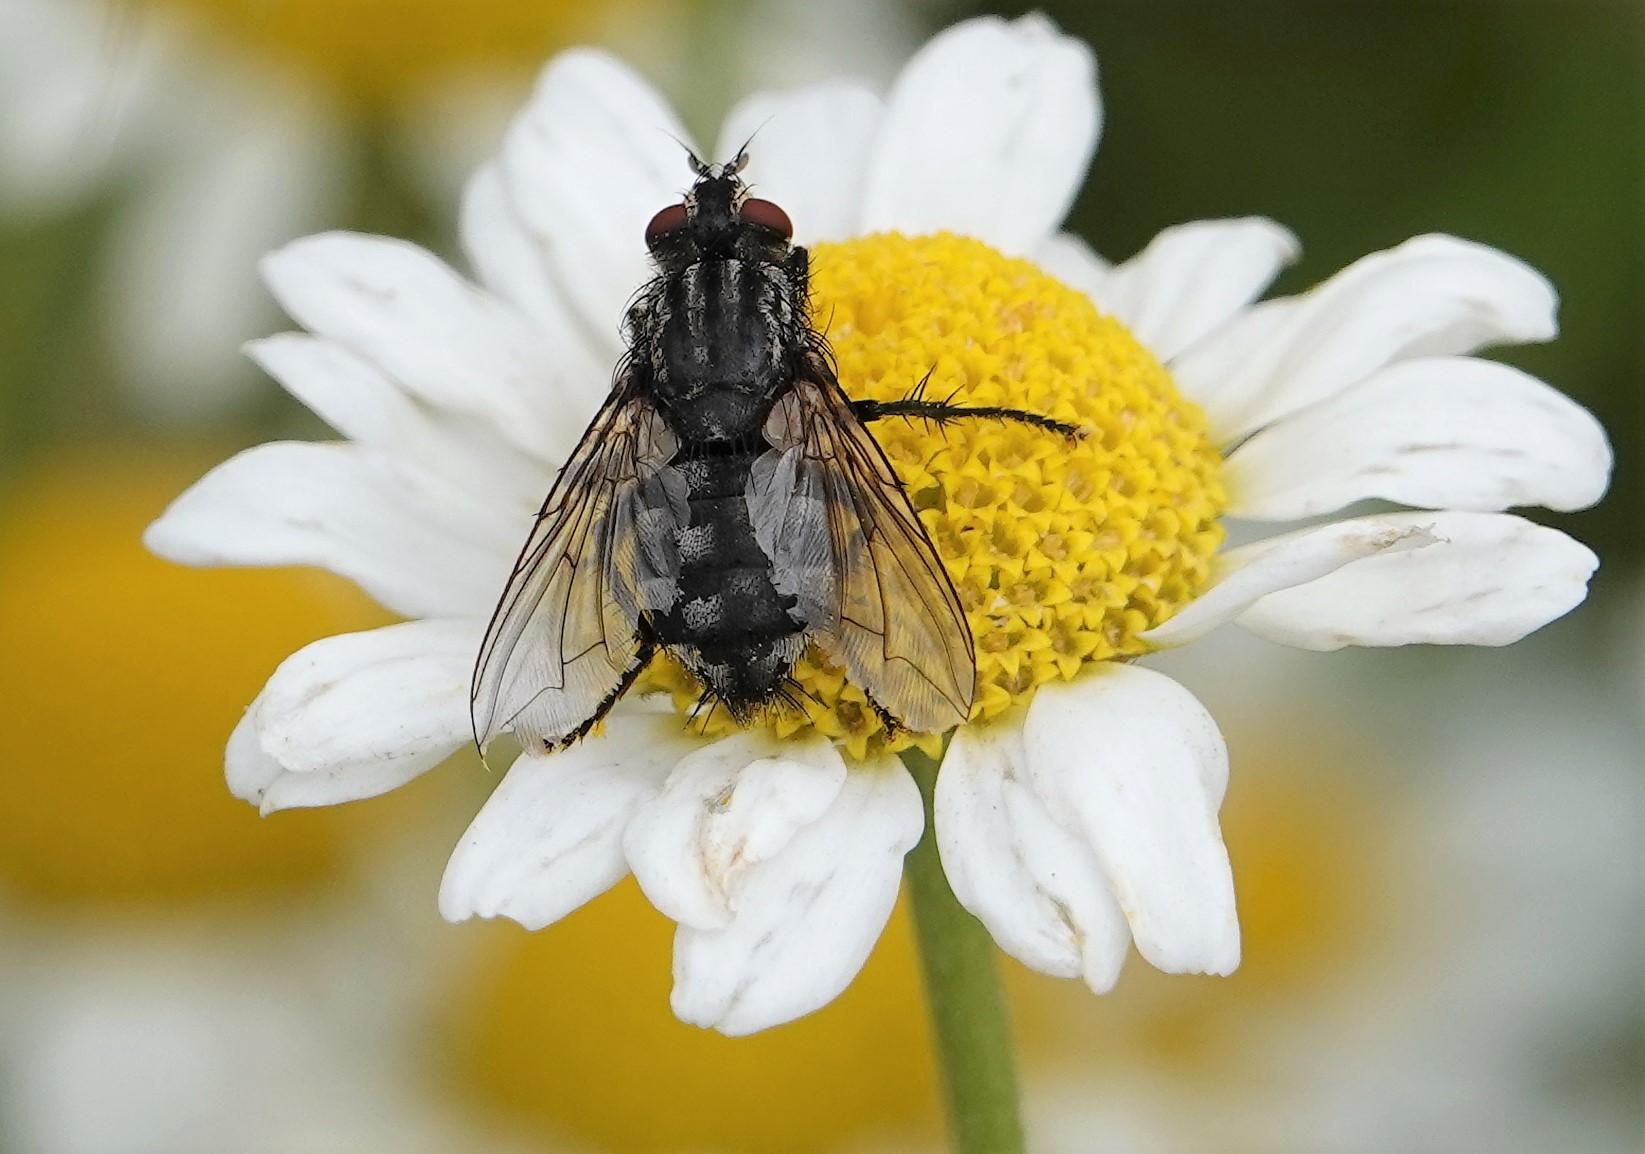 Critter on a daisy